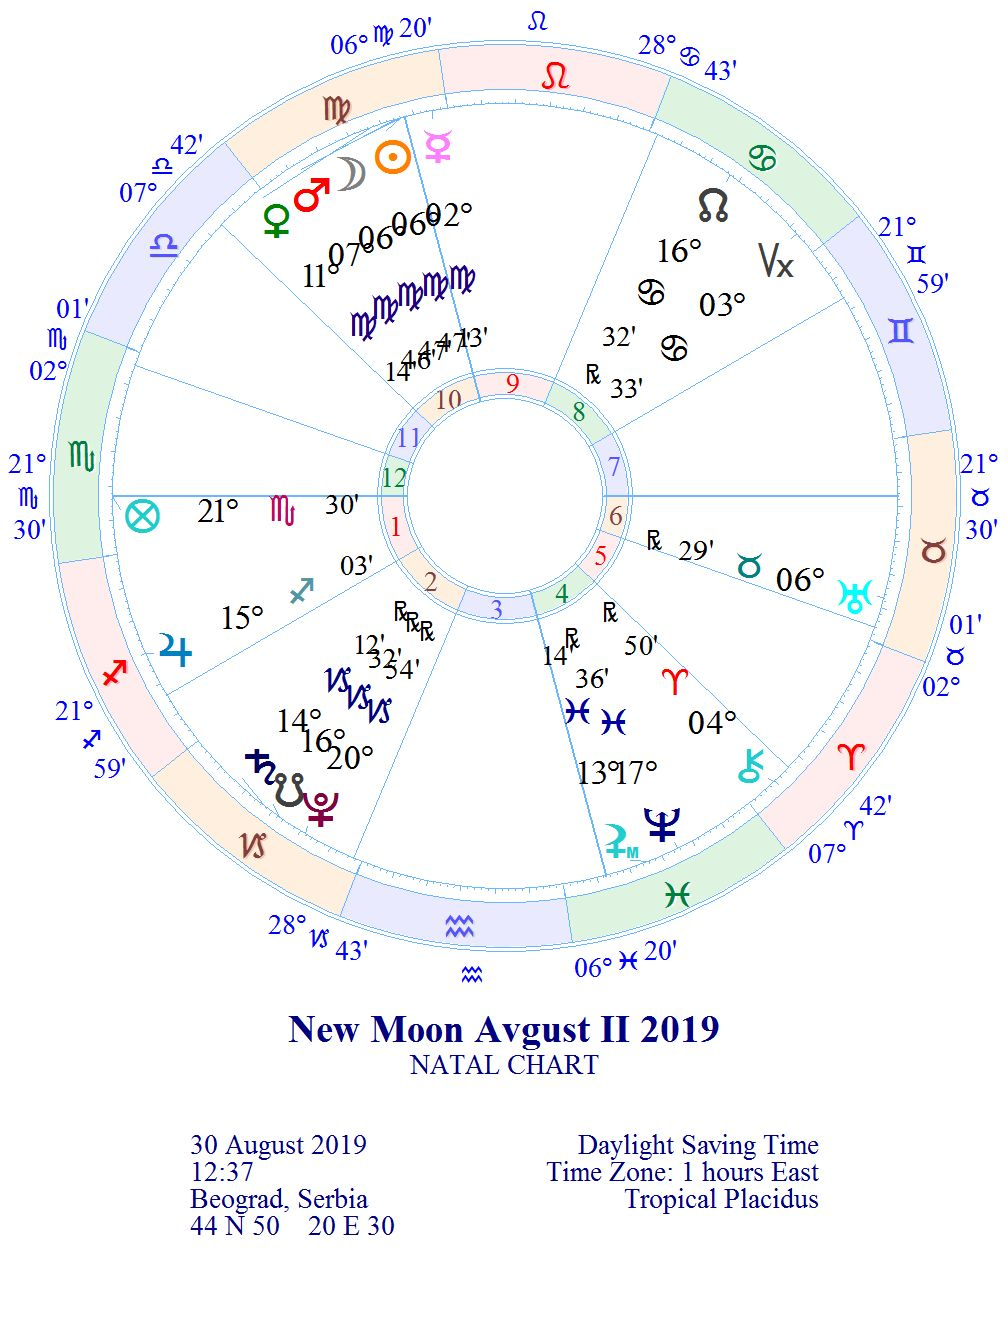 """NOVI LUNARNI CIKLUS 1. lunarni dan """"Svetiljka"""" 30.08. u 12:37 *MLAD MESEC 06° DEVICE"""